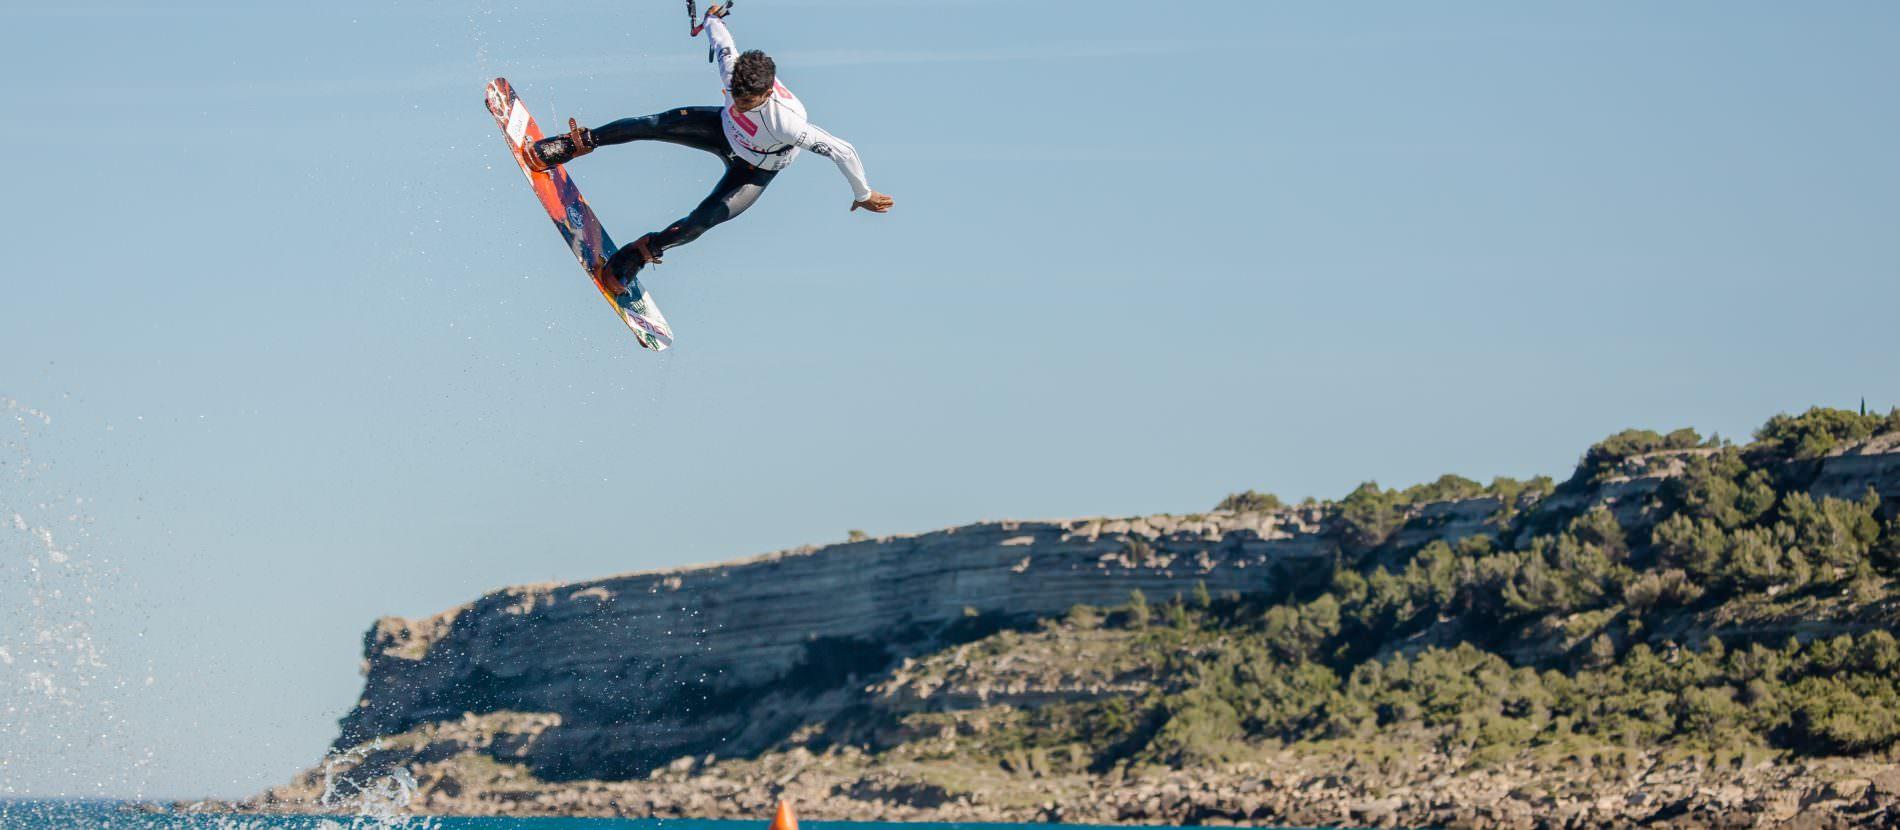 Kitesurfer à Leucate-la franqui